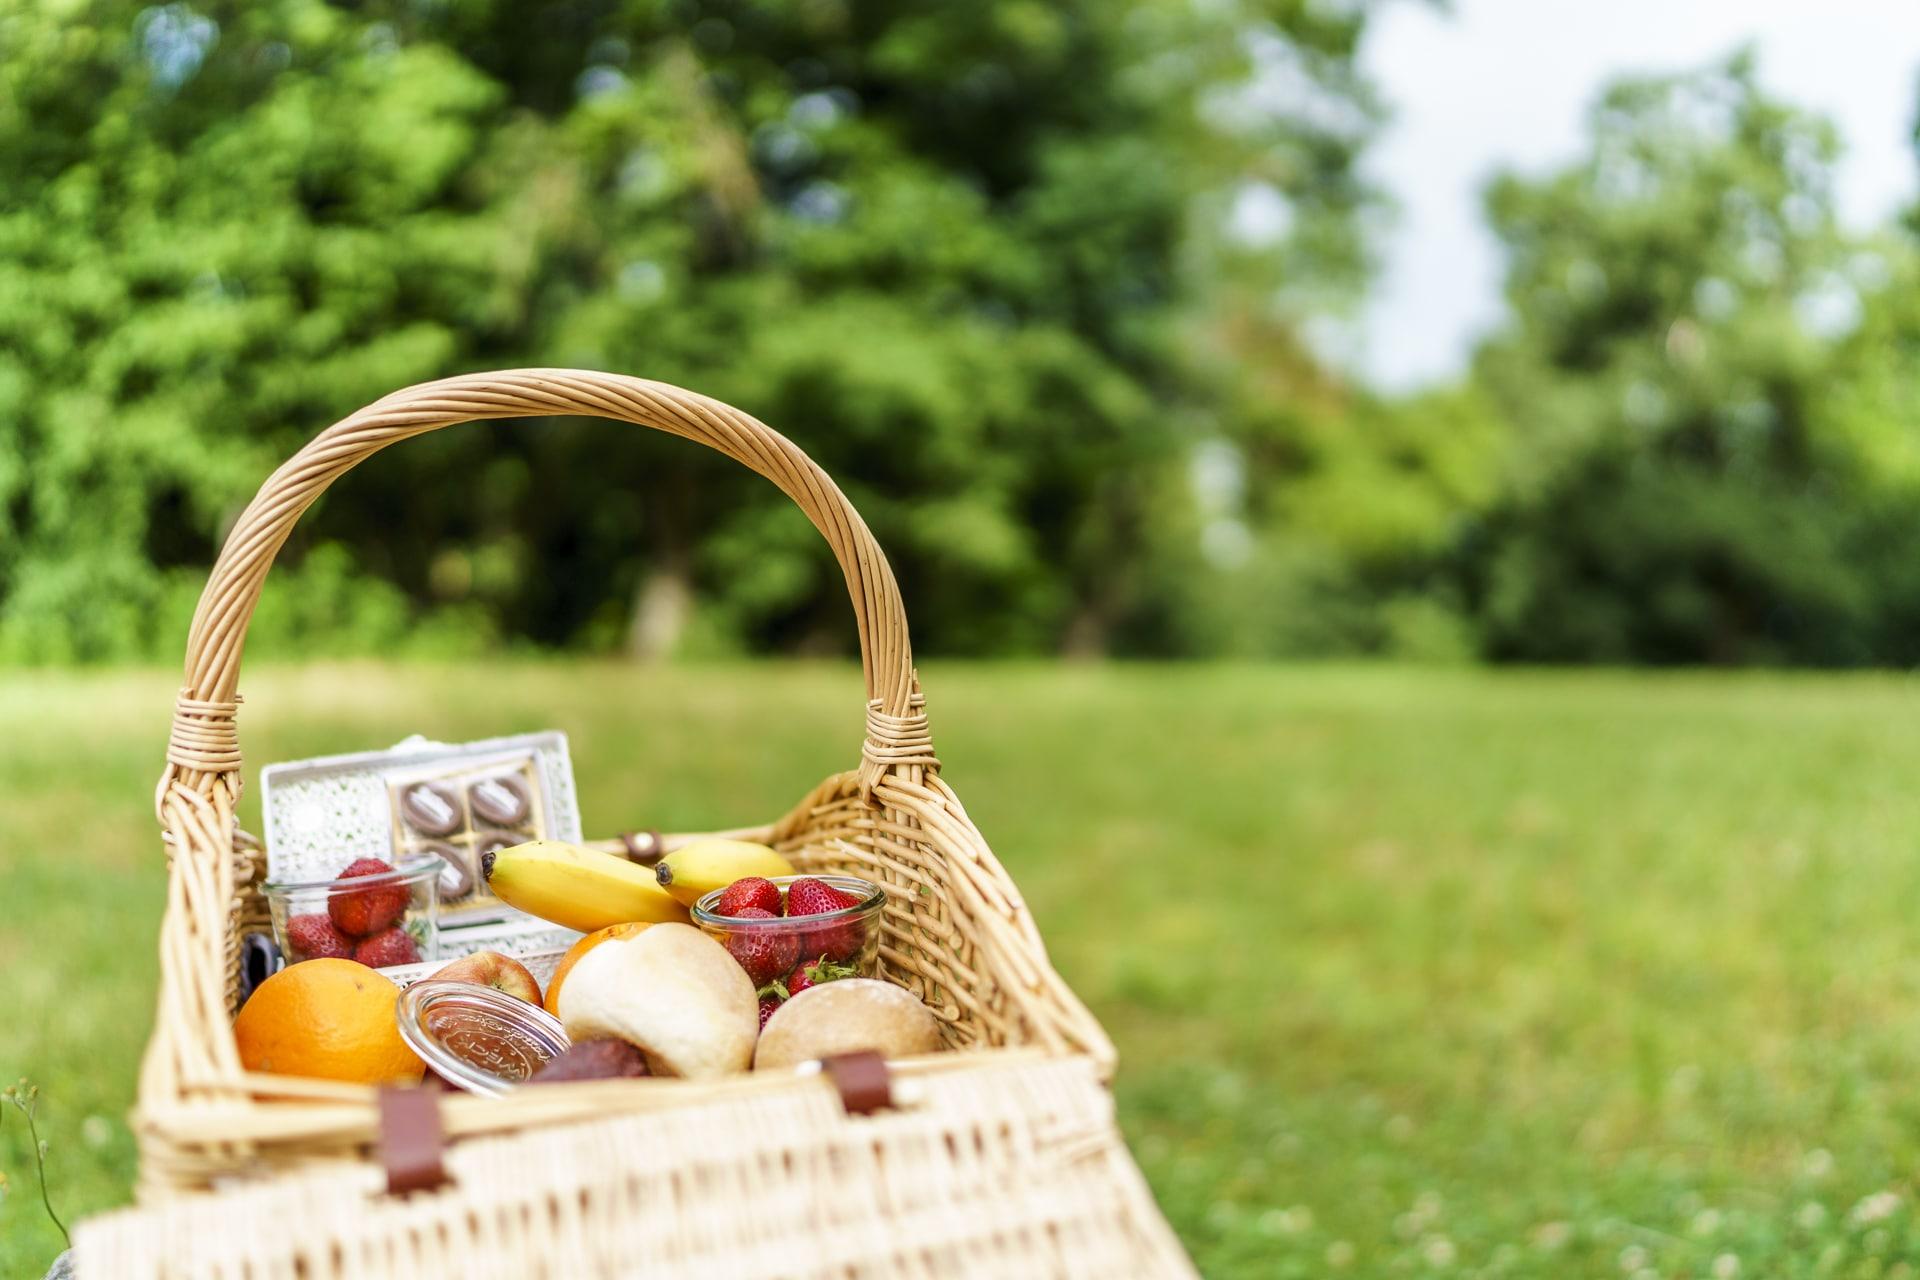 Gurten Picknick im Grünen